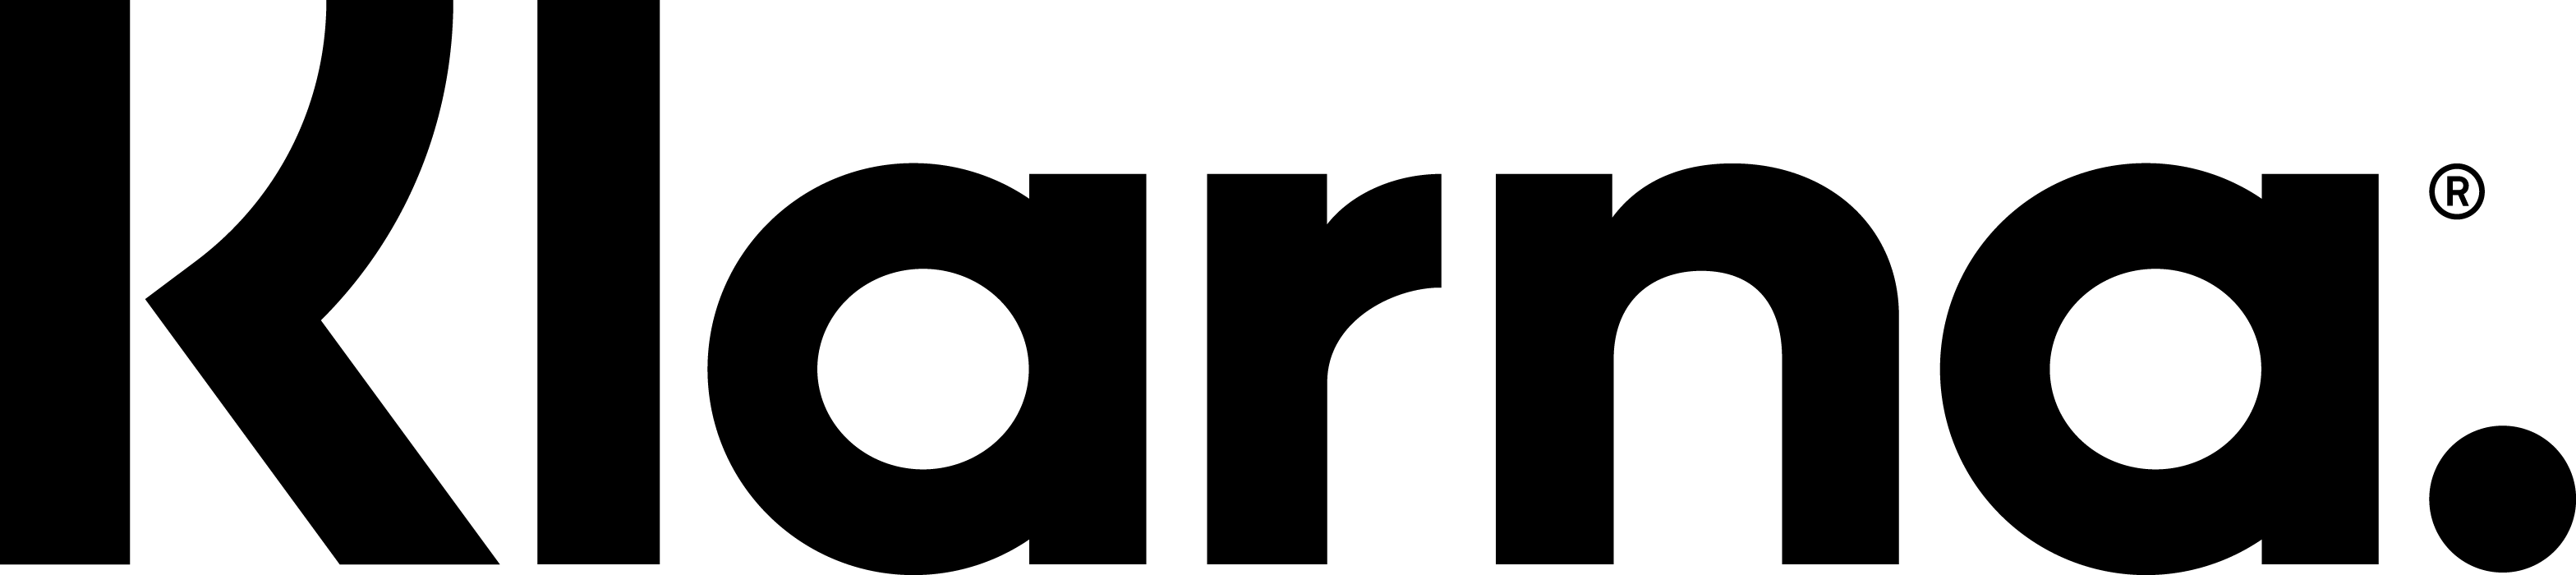 klarna-logo-black-6-.png